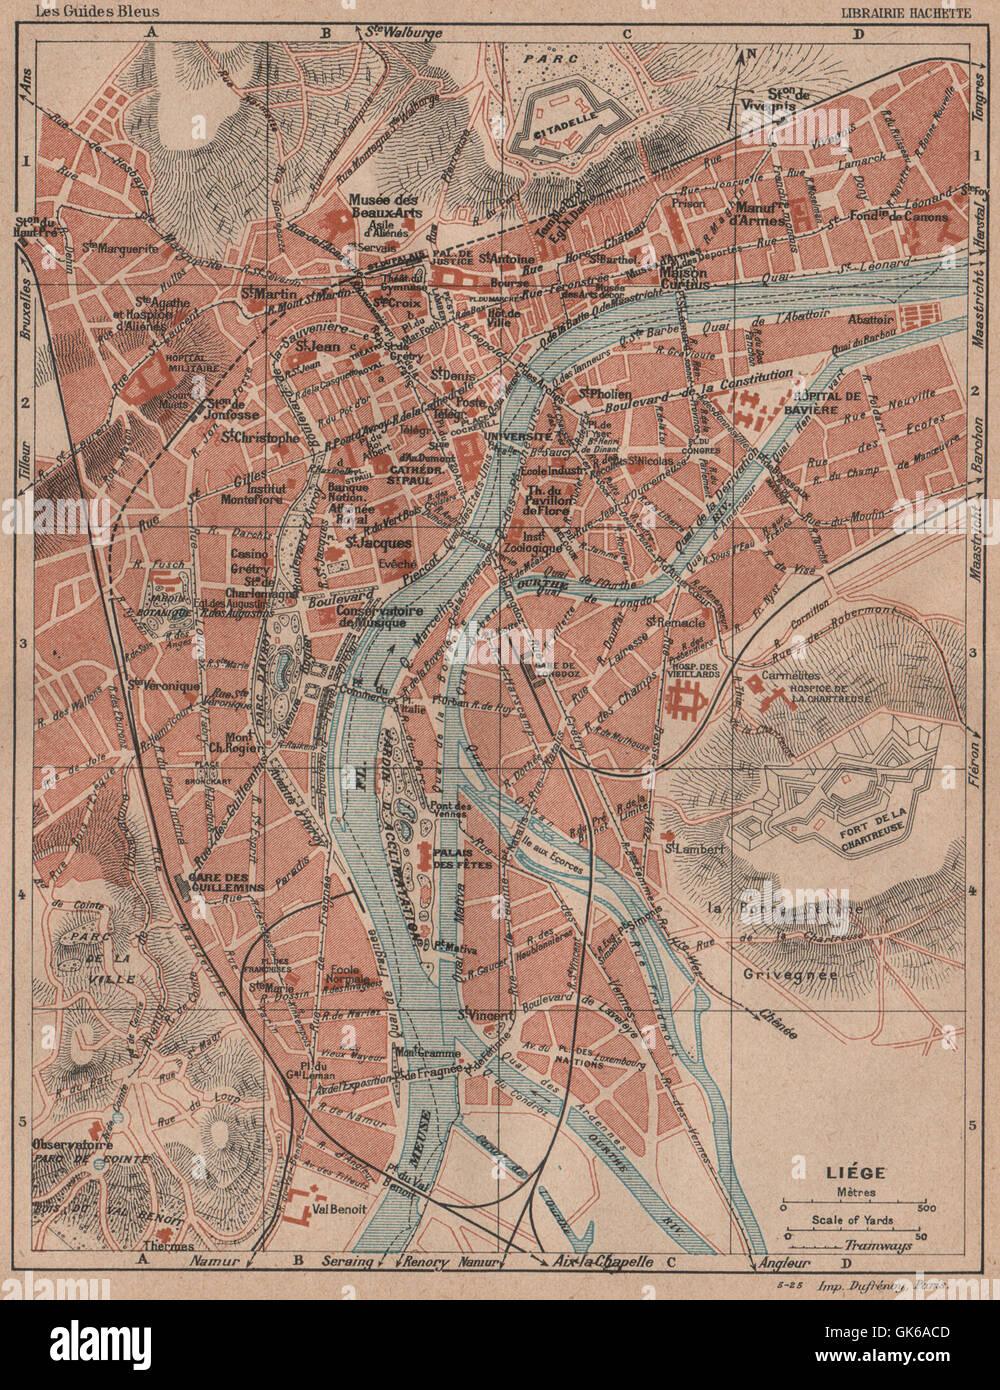 lige vintage town city map plan de la ville belgium liege 1920